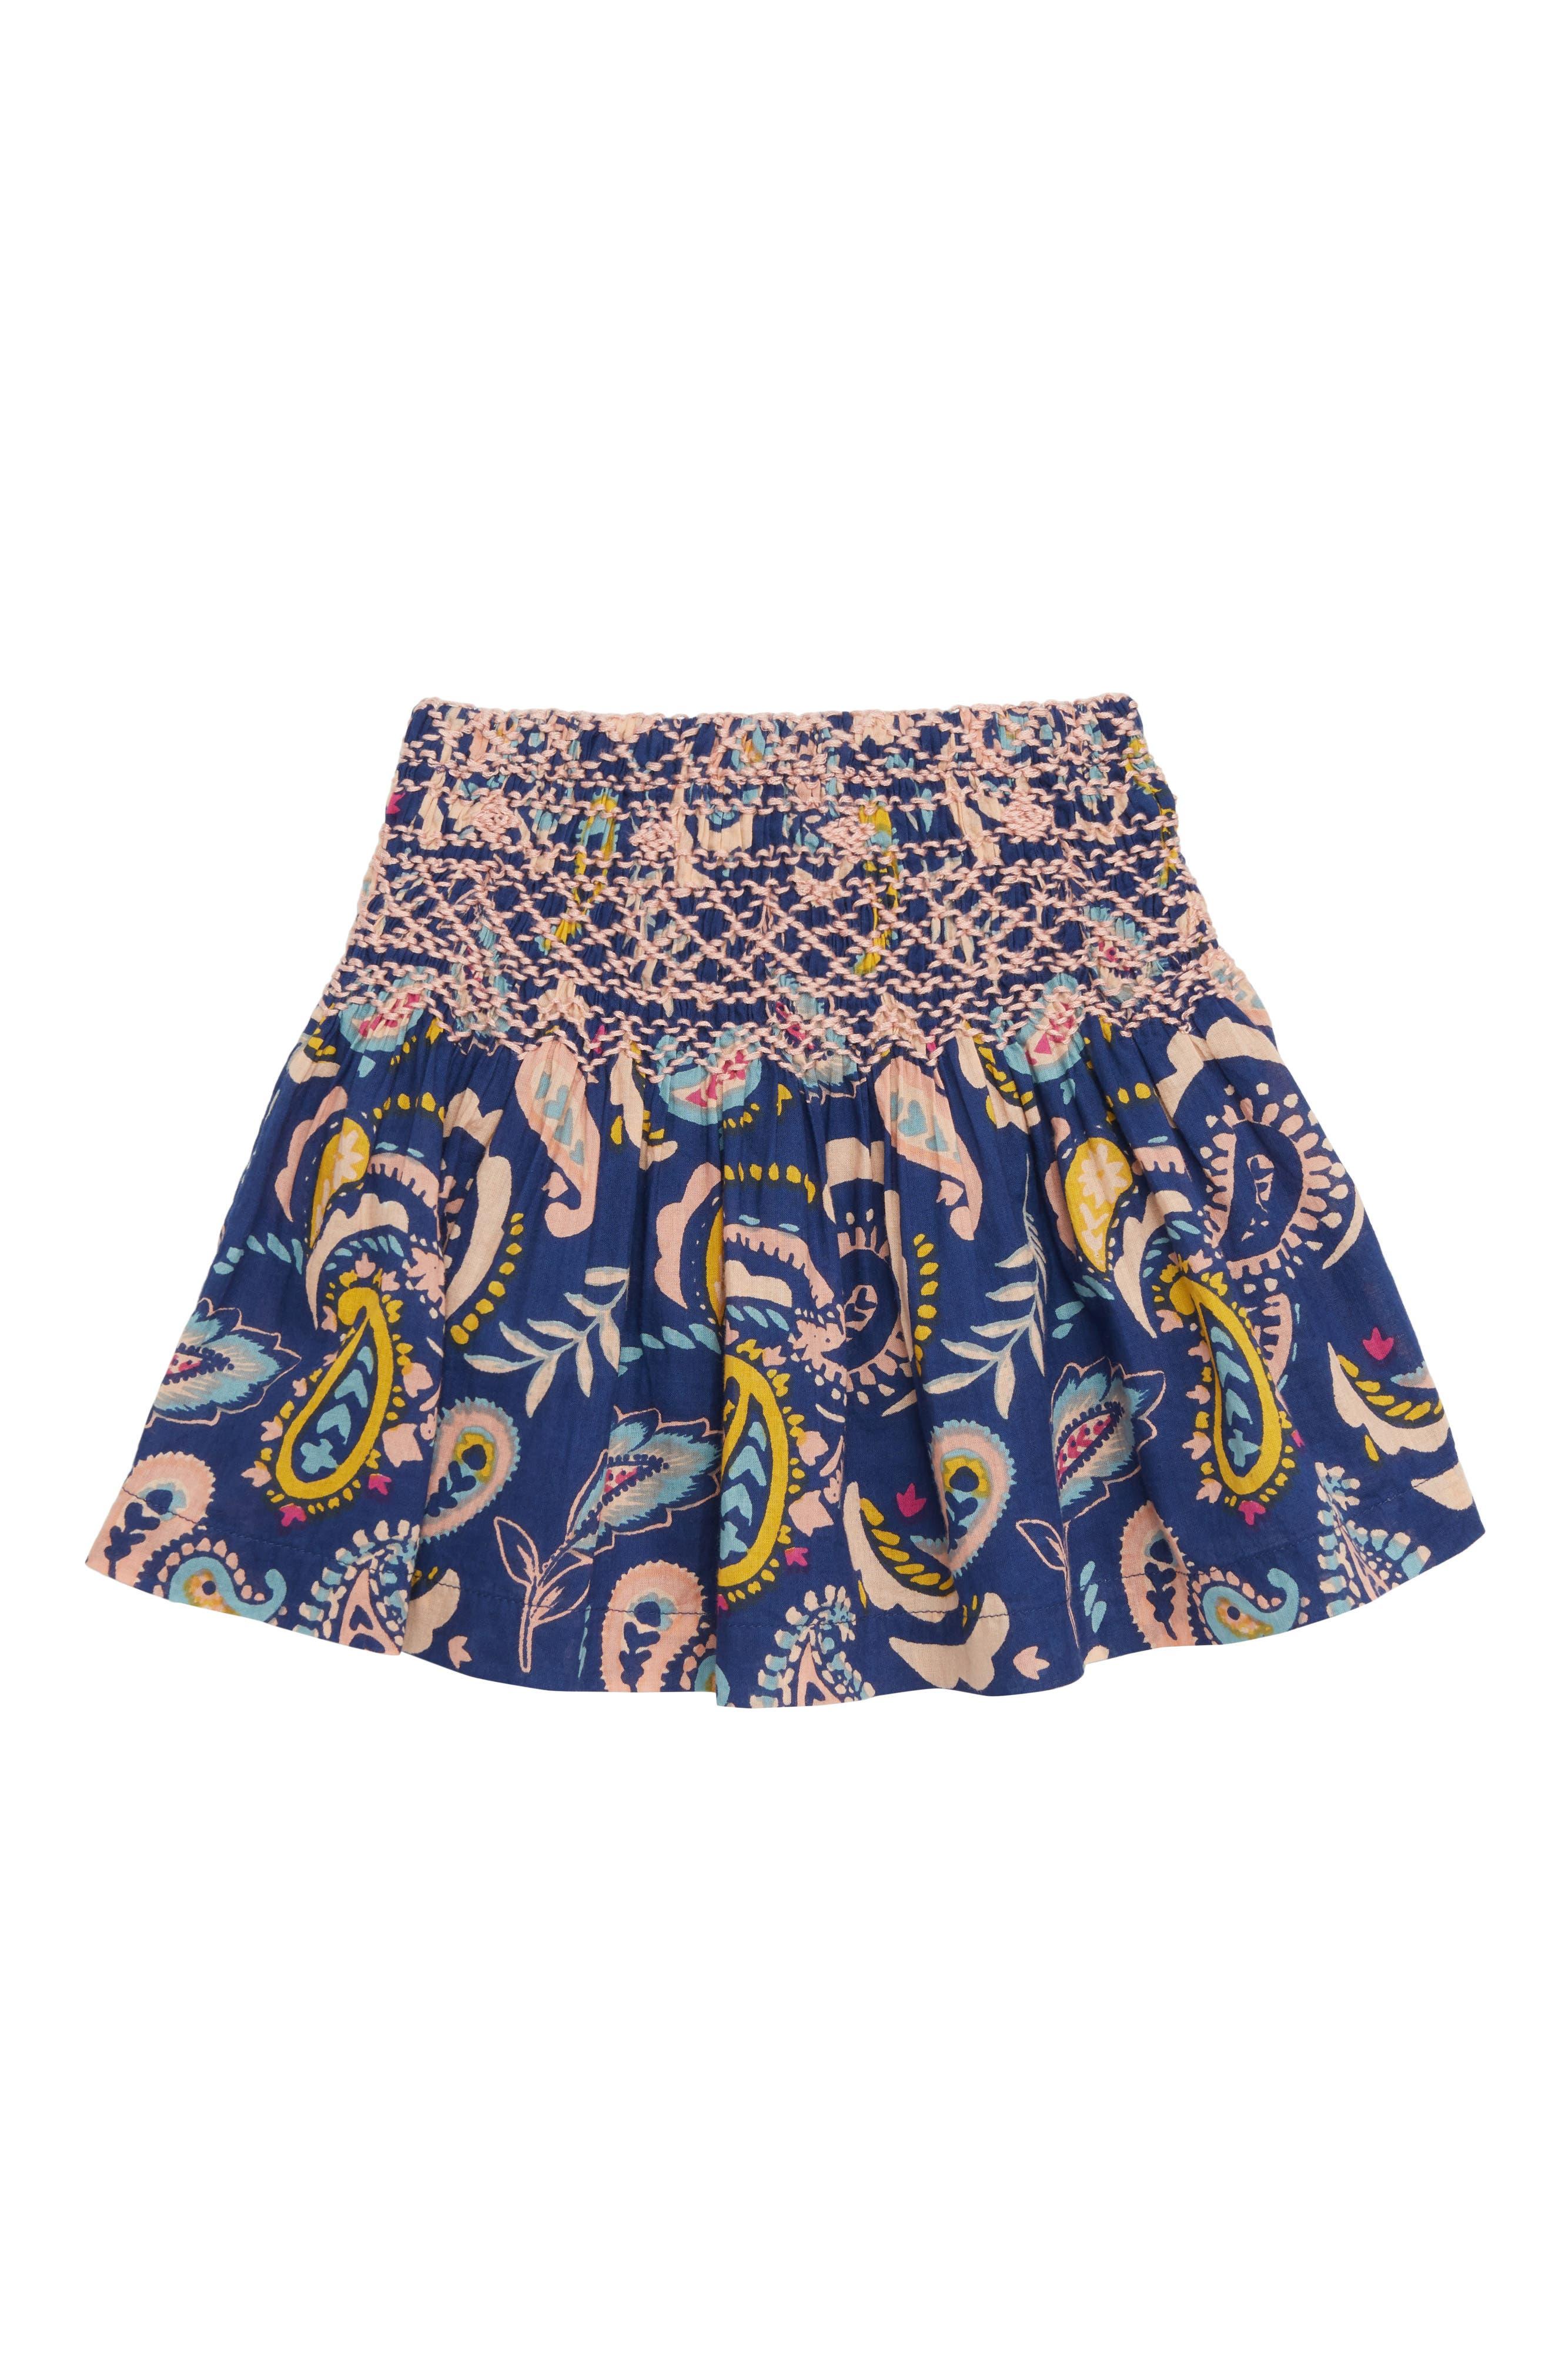 Pixie Skirt,                         Main,                         color, BLUE